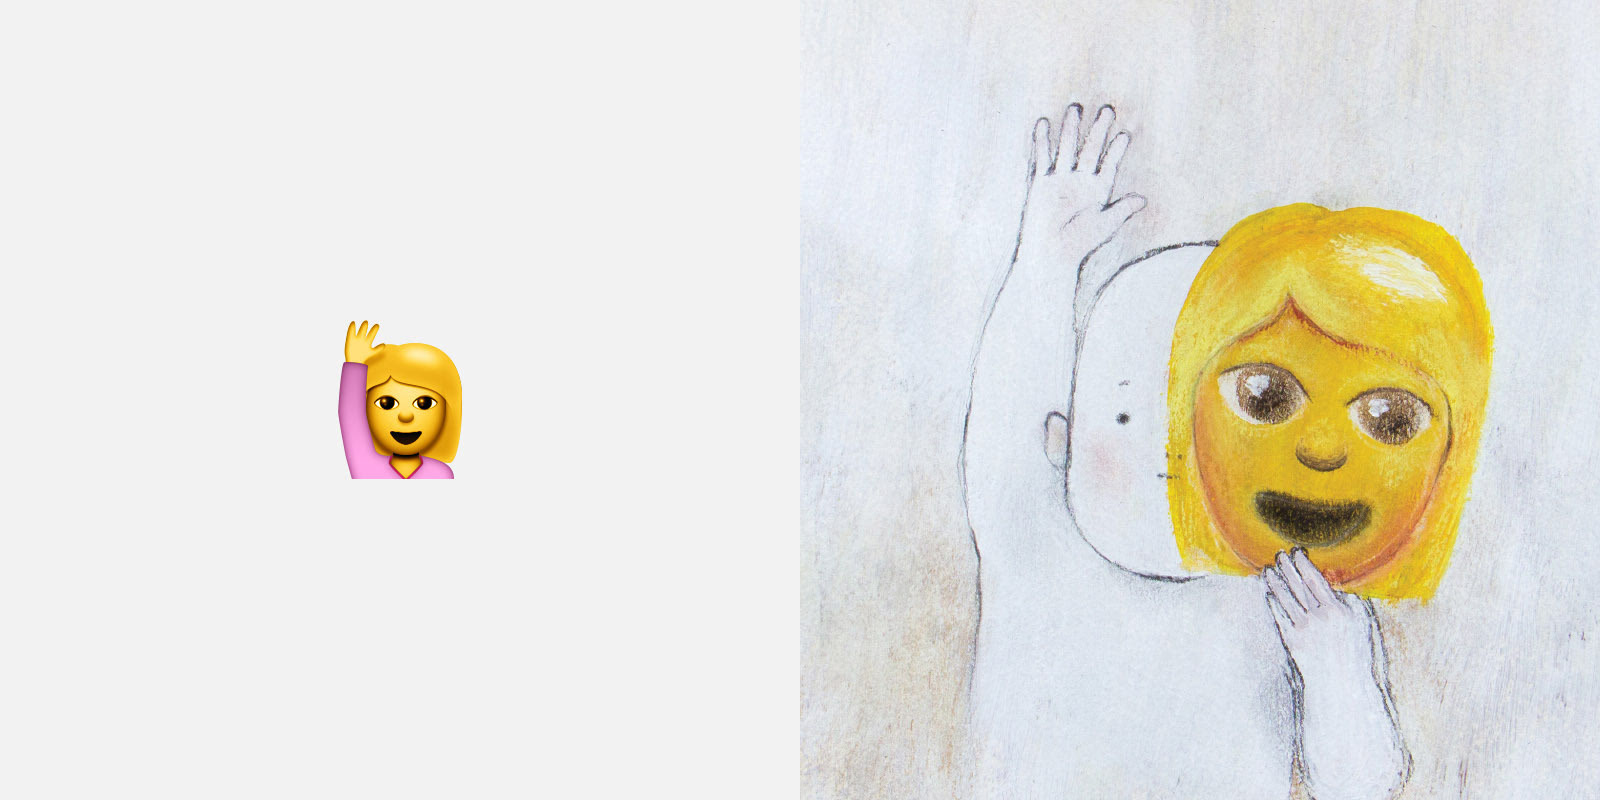 你心中的表情符号是什么样子呢?图片